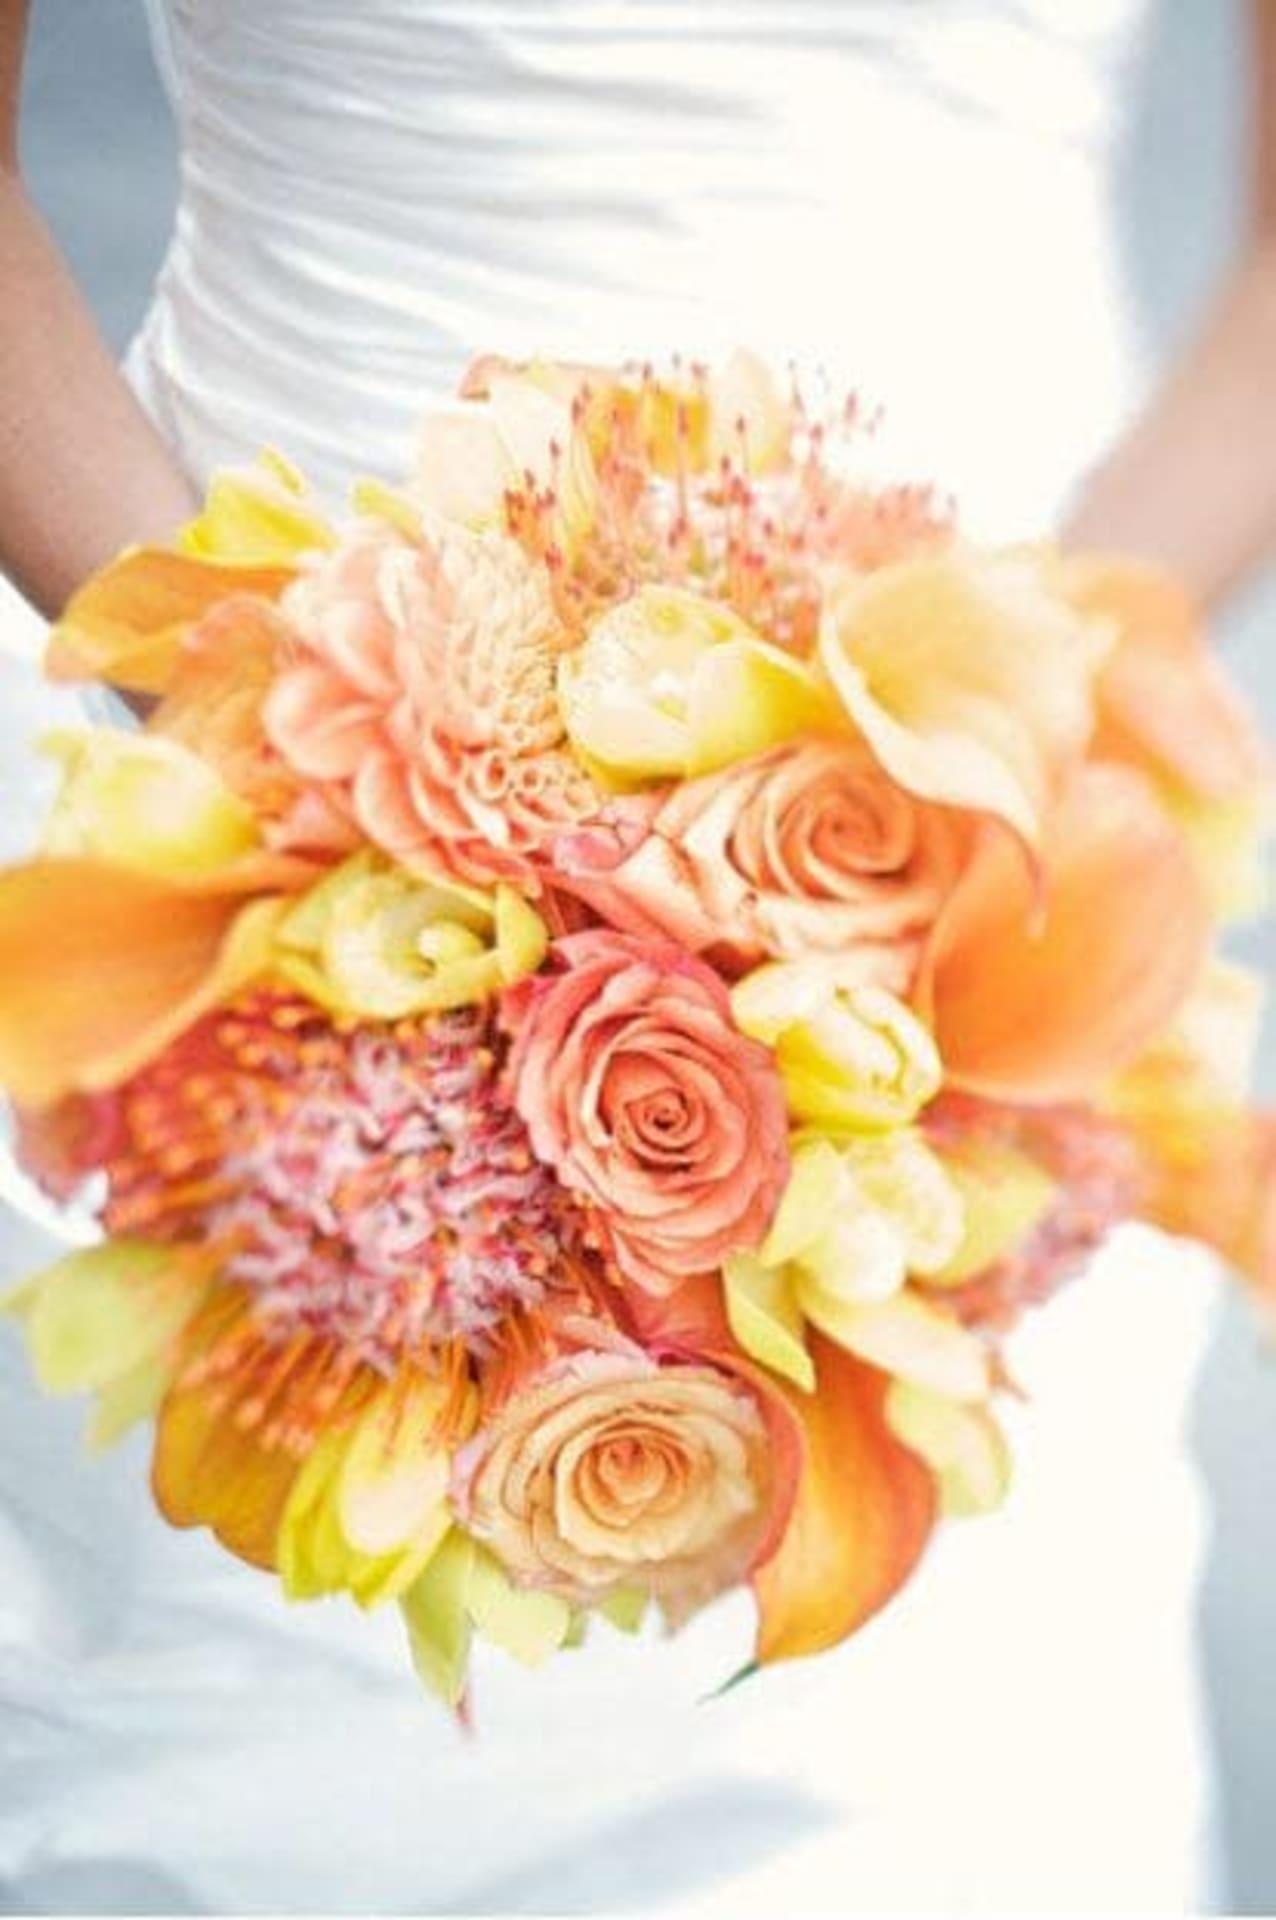 Alden Park Bridal Expo